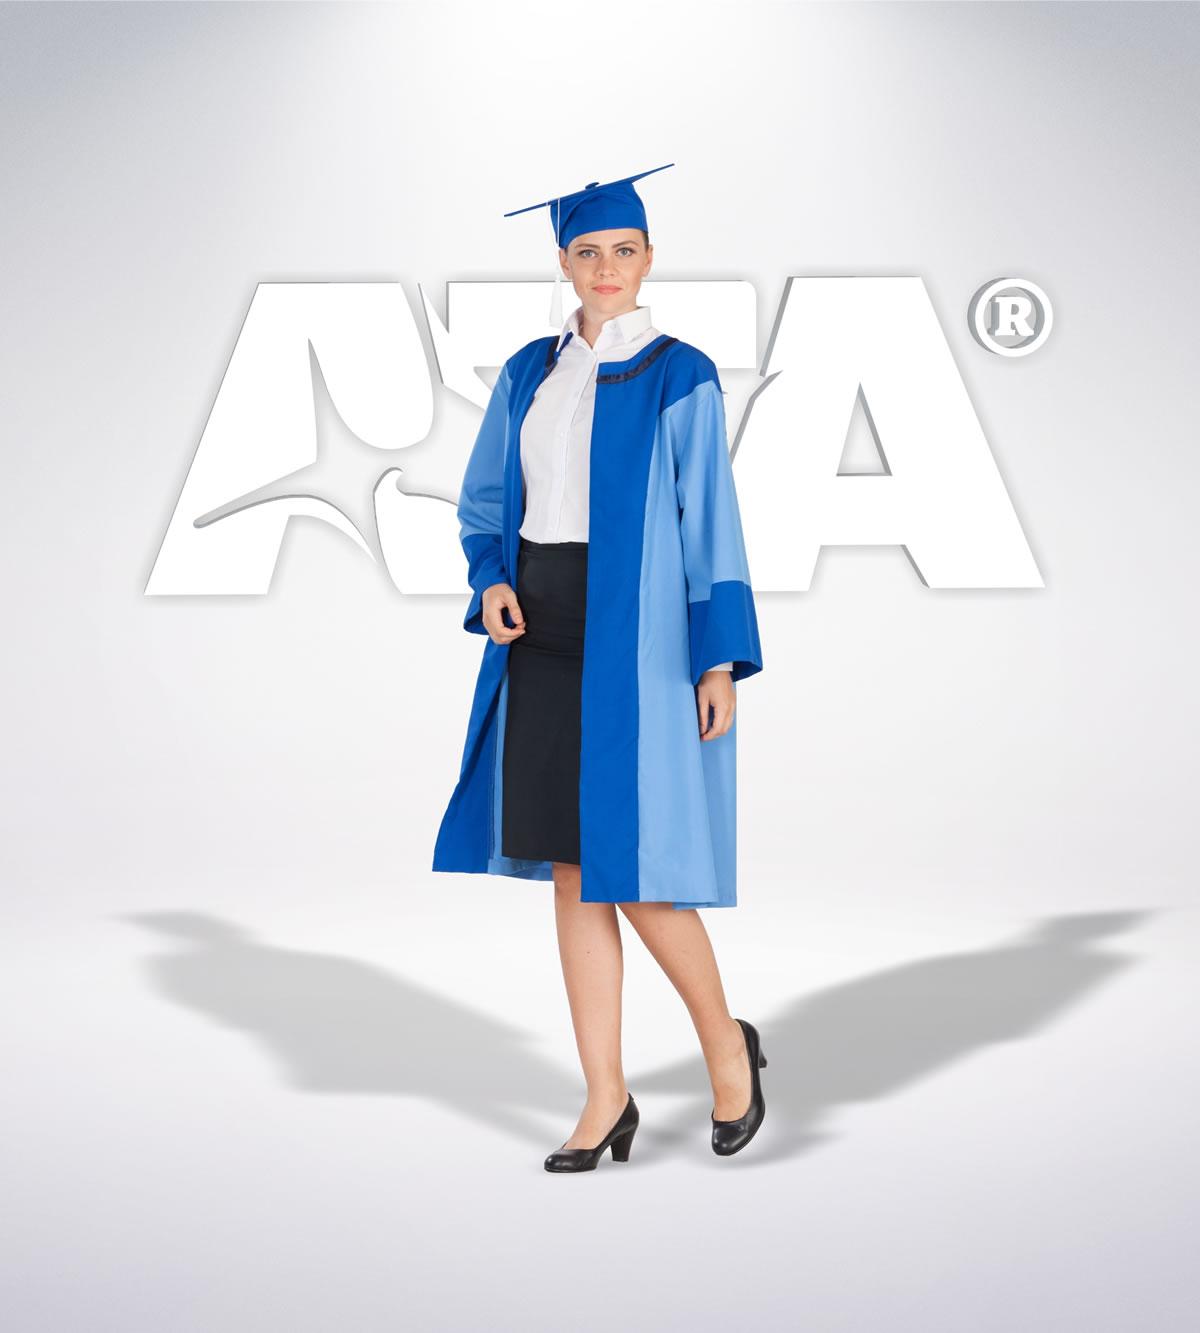 ATA 433 - iş elbiseleri | iş üniformaları | iş kıyafetleri